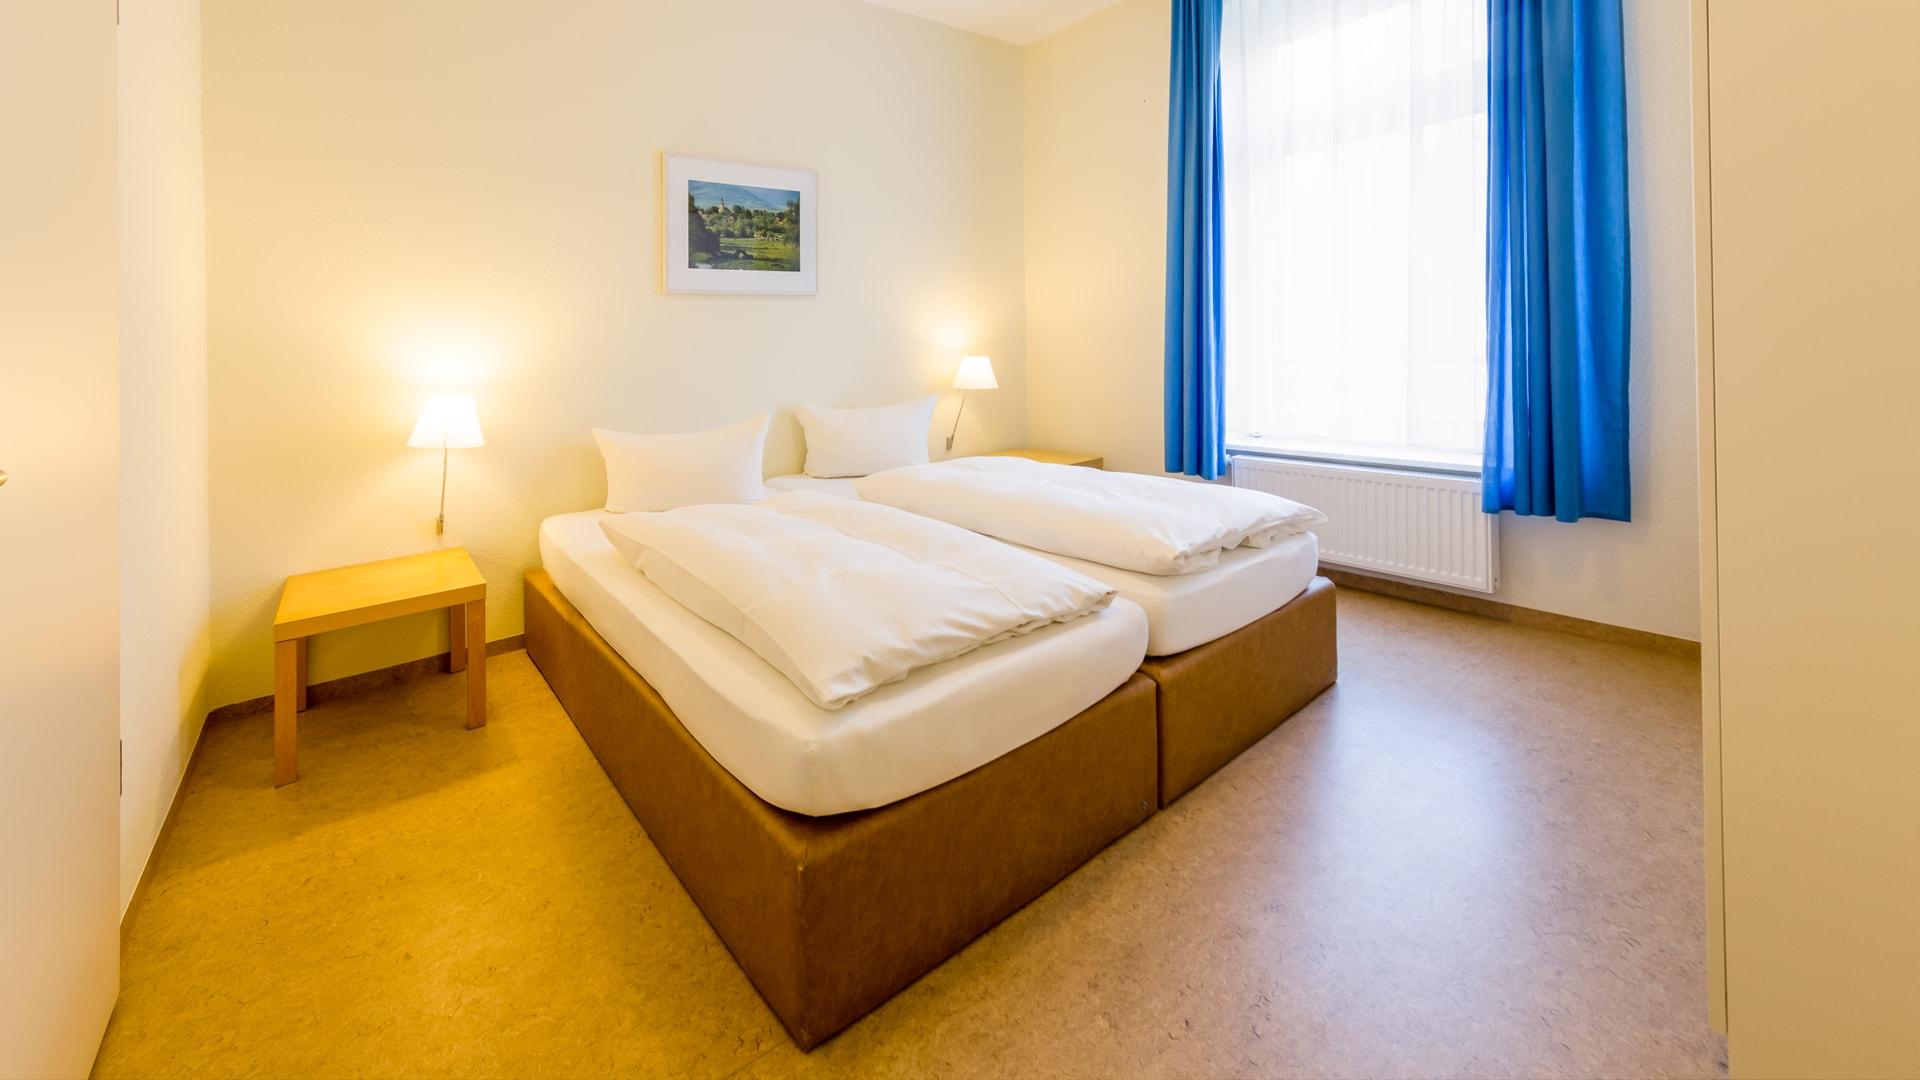 12 Michels_Hotels_Haus_Wilhelm_Augusta_5Raum_Ferienwohnung_Schlafzimmer